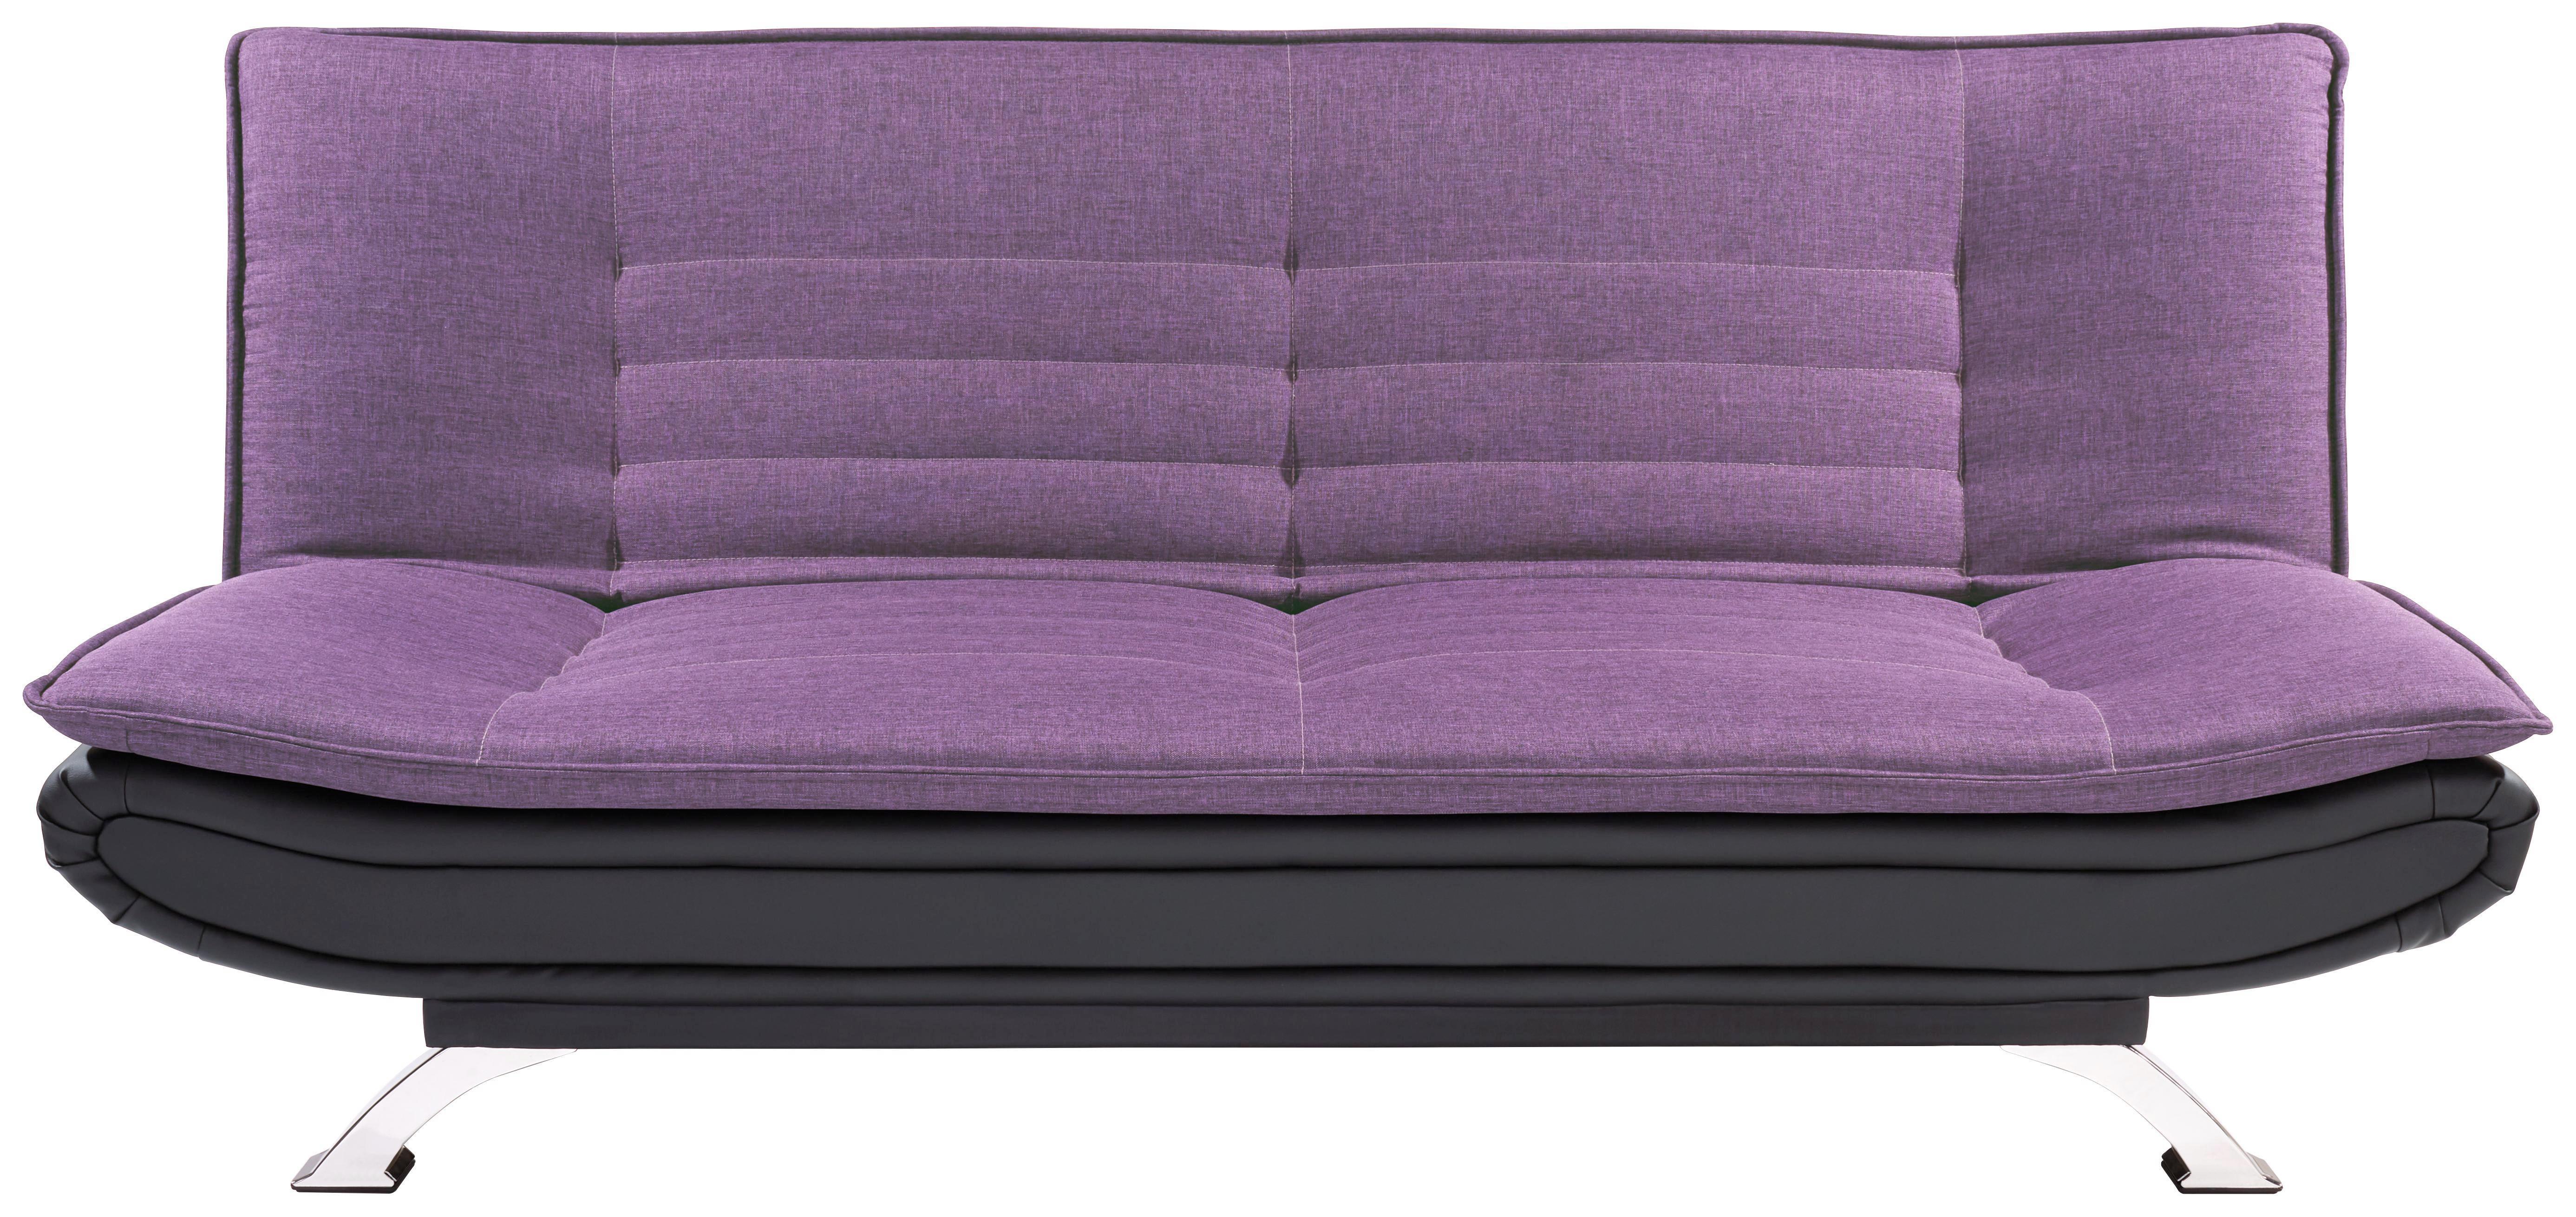 Kanapéágy Bari - viola/fekete, modern, textil/fém (190/90/102cm) - OMBRA